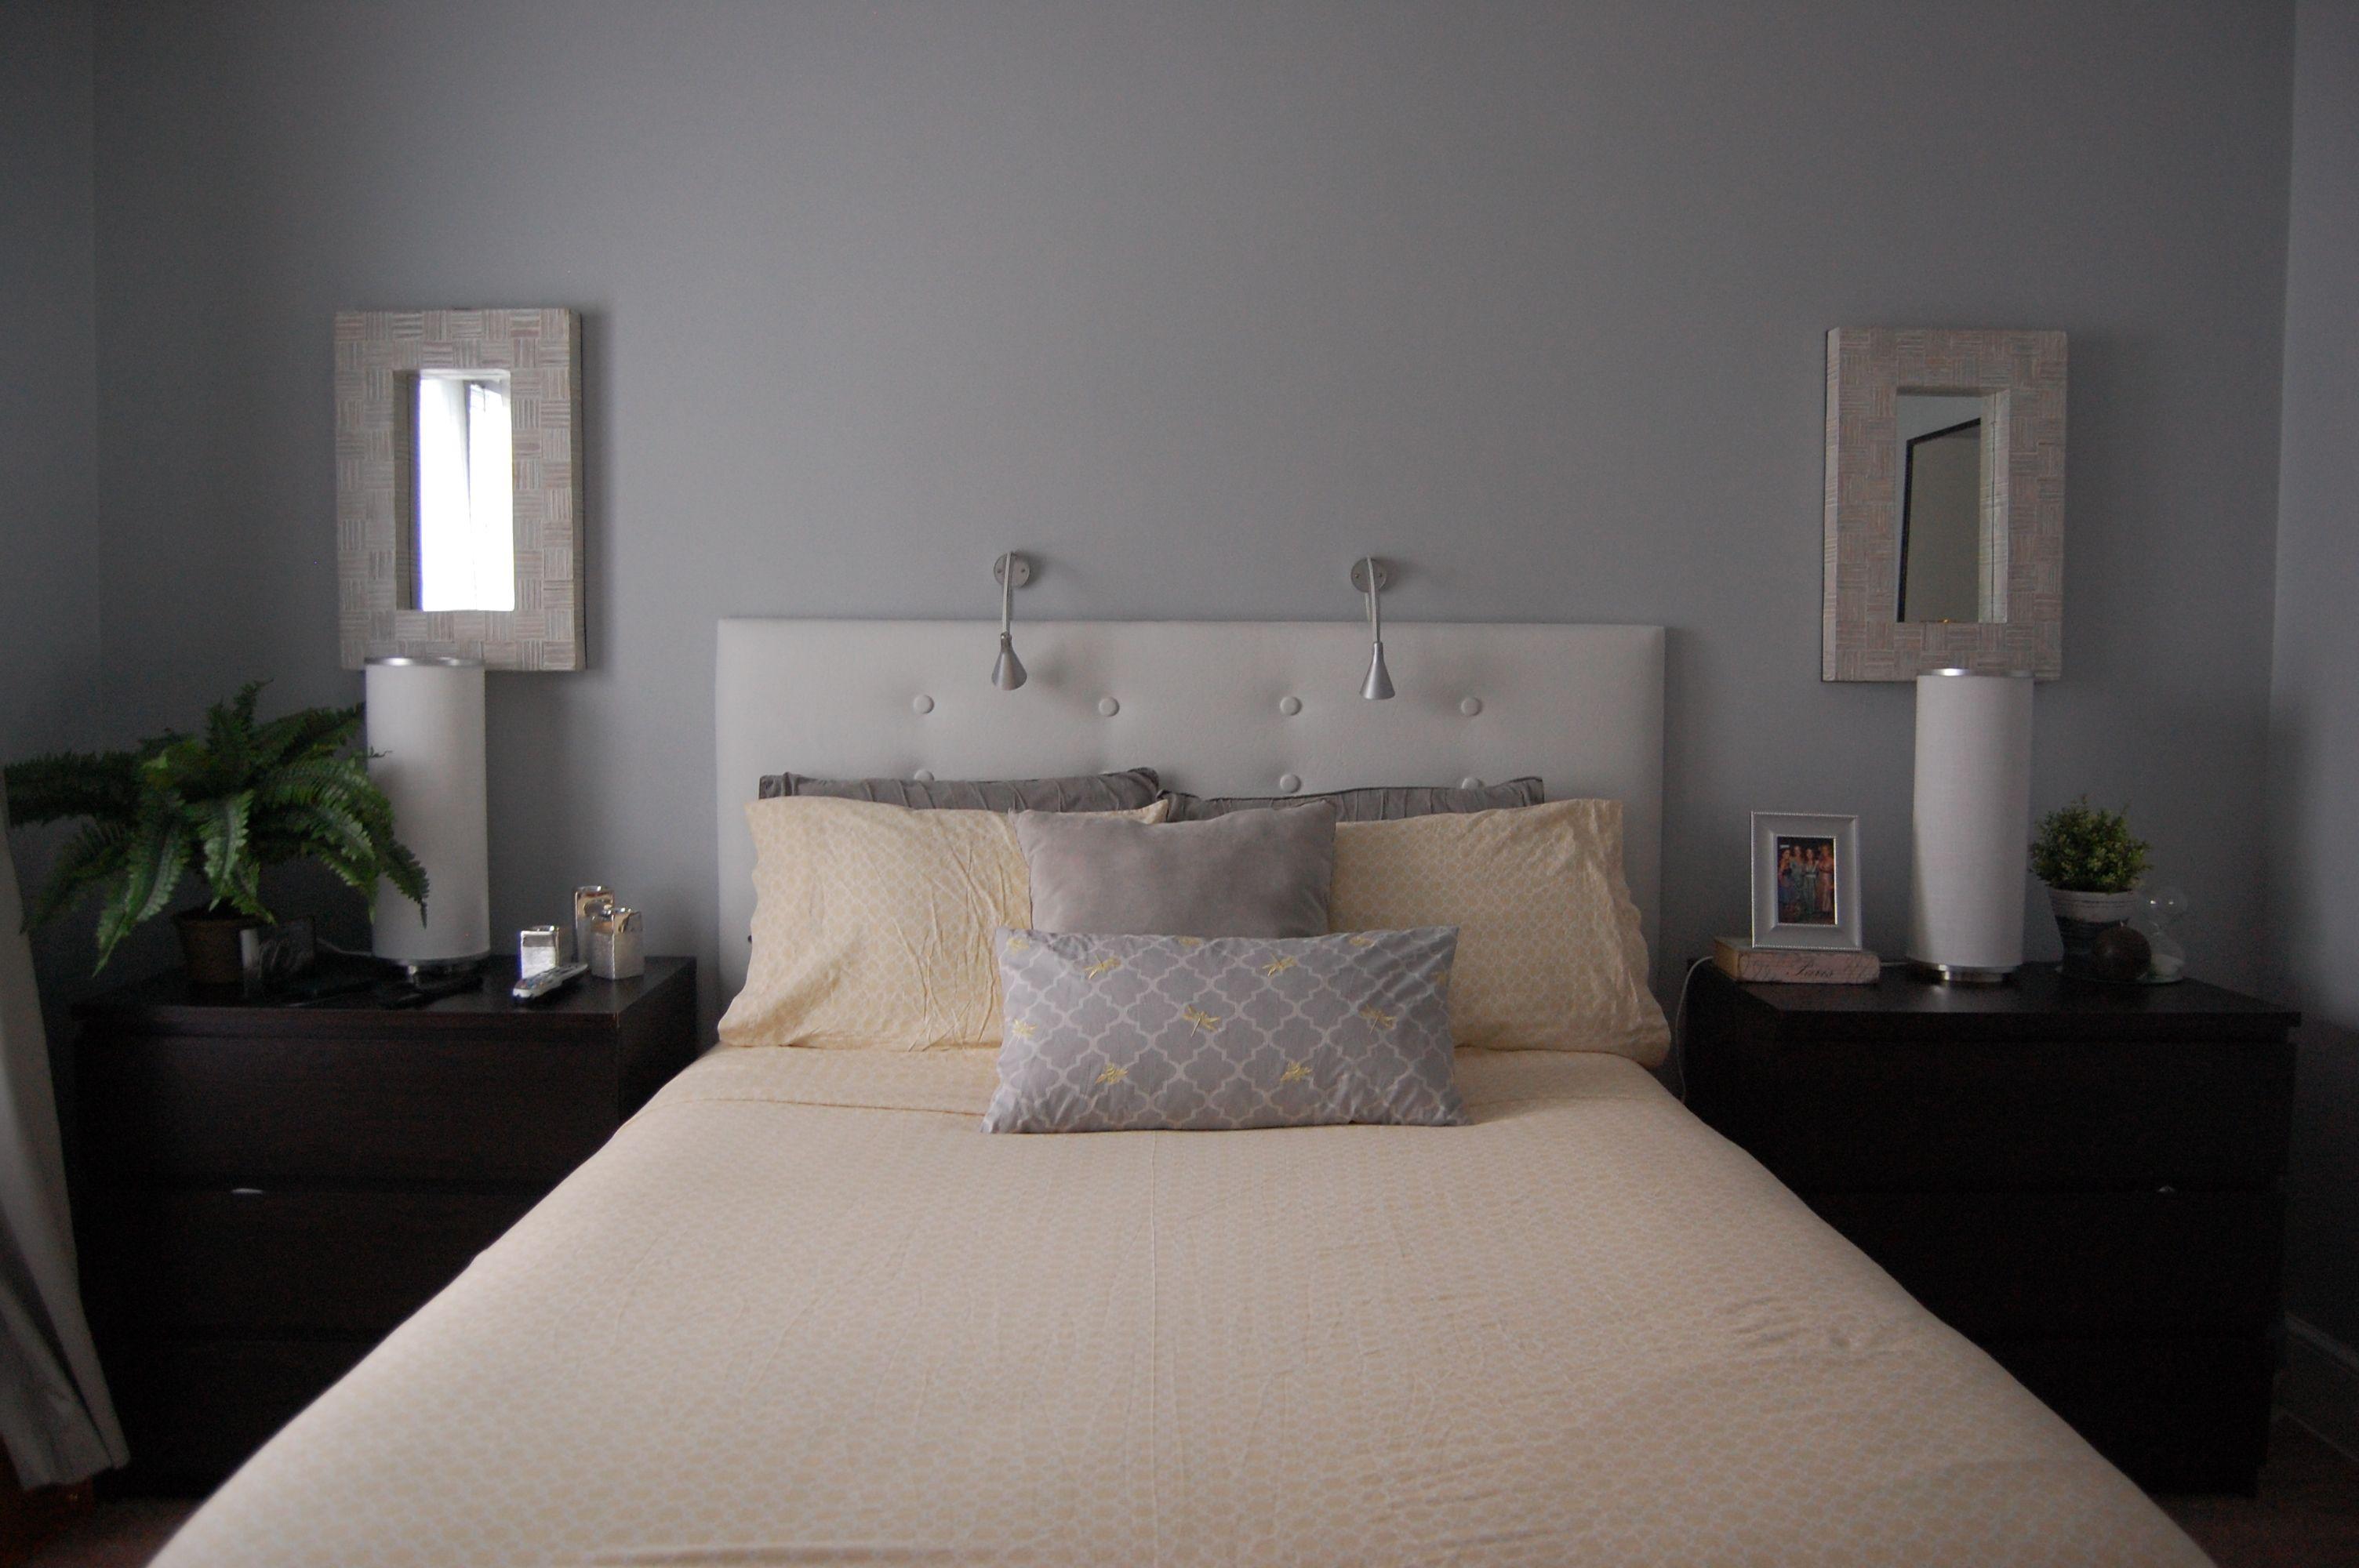 Wohndesign für kleines schlafzimmer warme graue farbe farben für schlafzimmer schlafzimmer